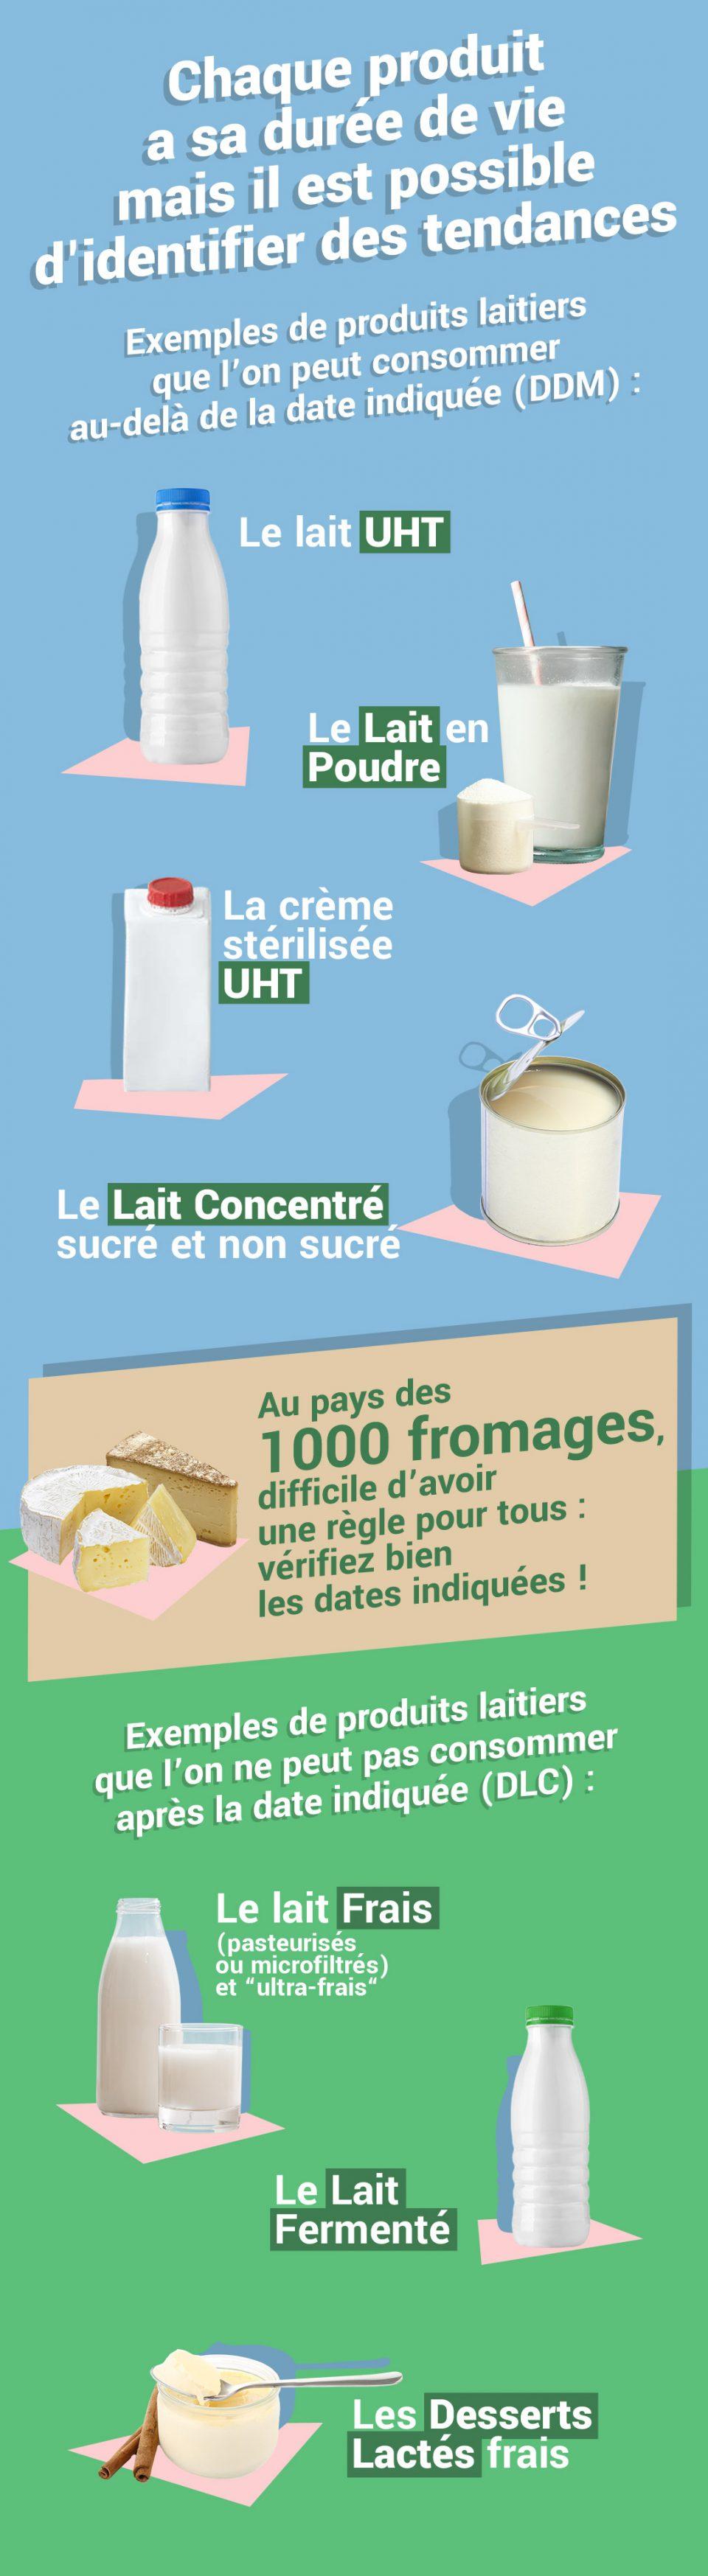 DLC ou DDM des produits laitiers